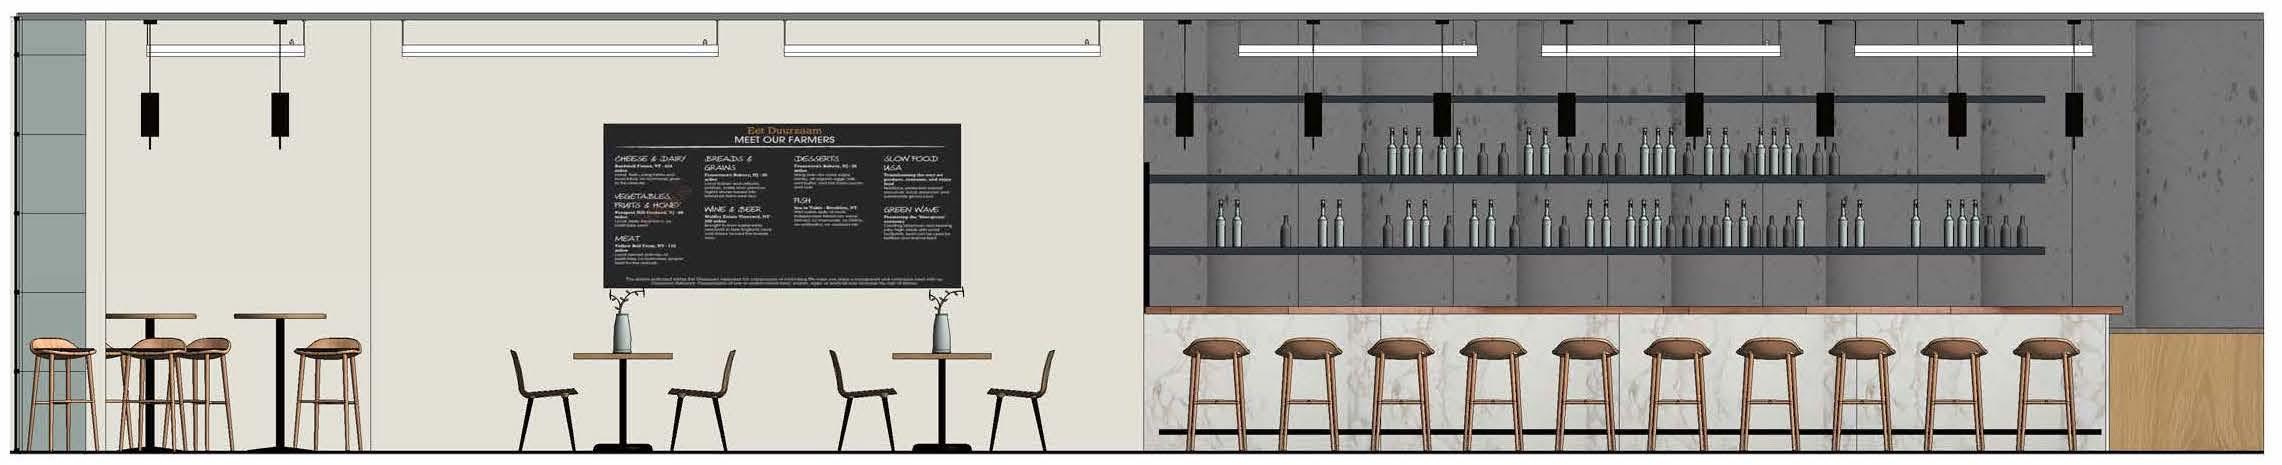 GF Bar with menu board Elevation.jpg